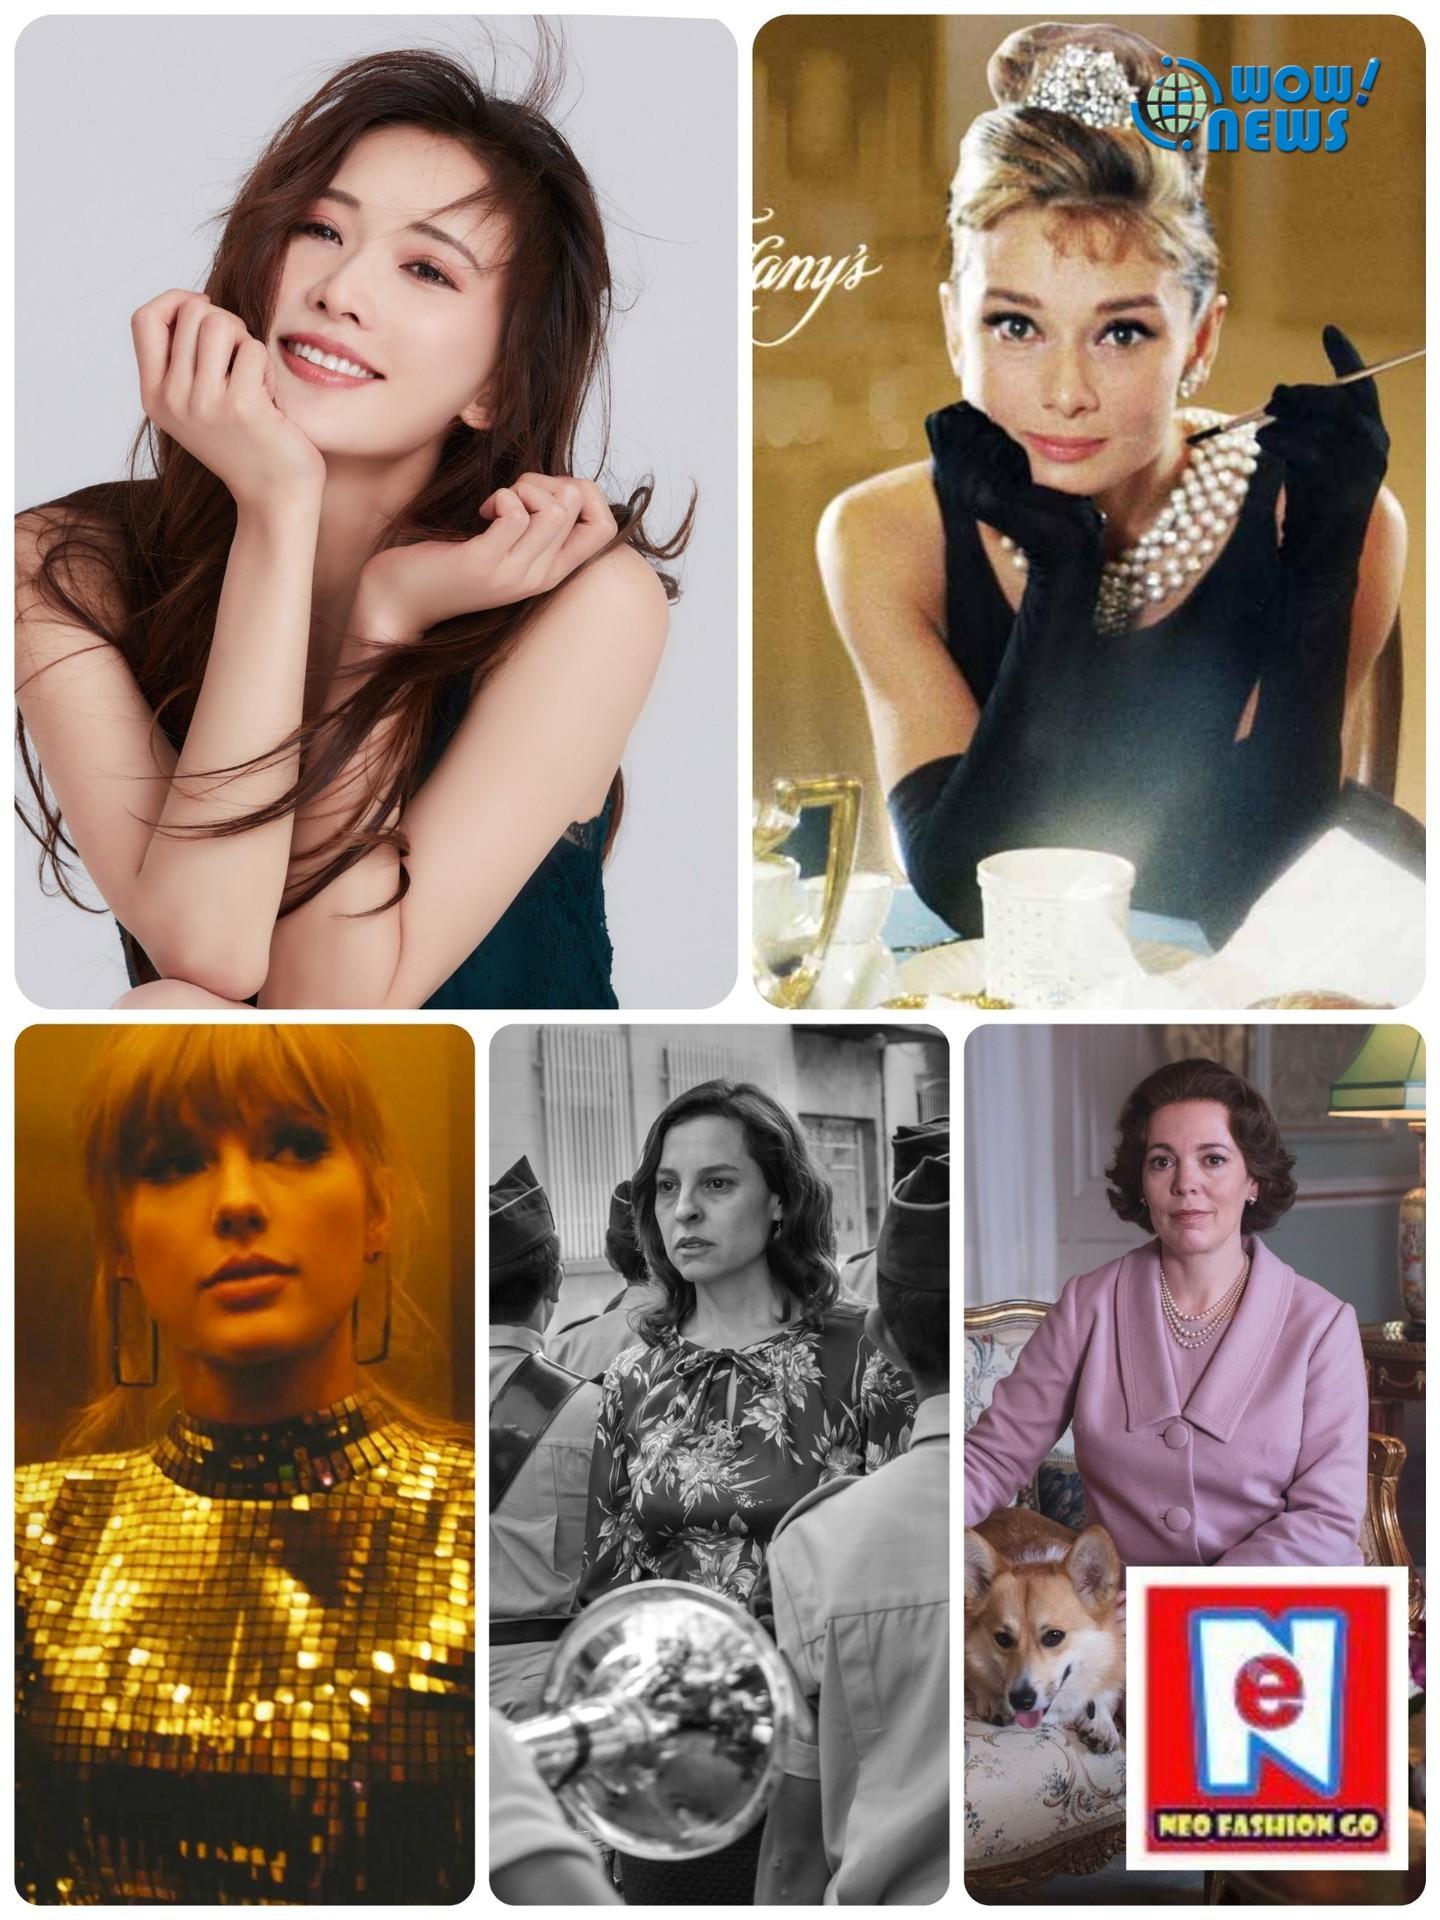 林志玲相挺「因為女力無窮」 Netflix片單 泰勒絲(Taylor Swift)記錄《美國小姐》 不可錯過